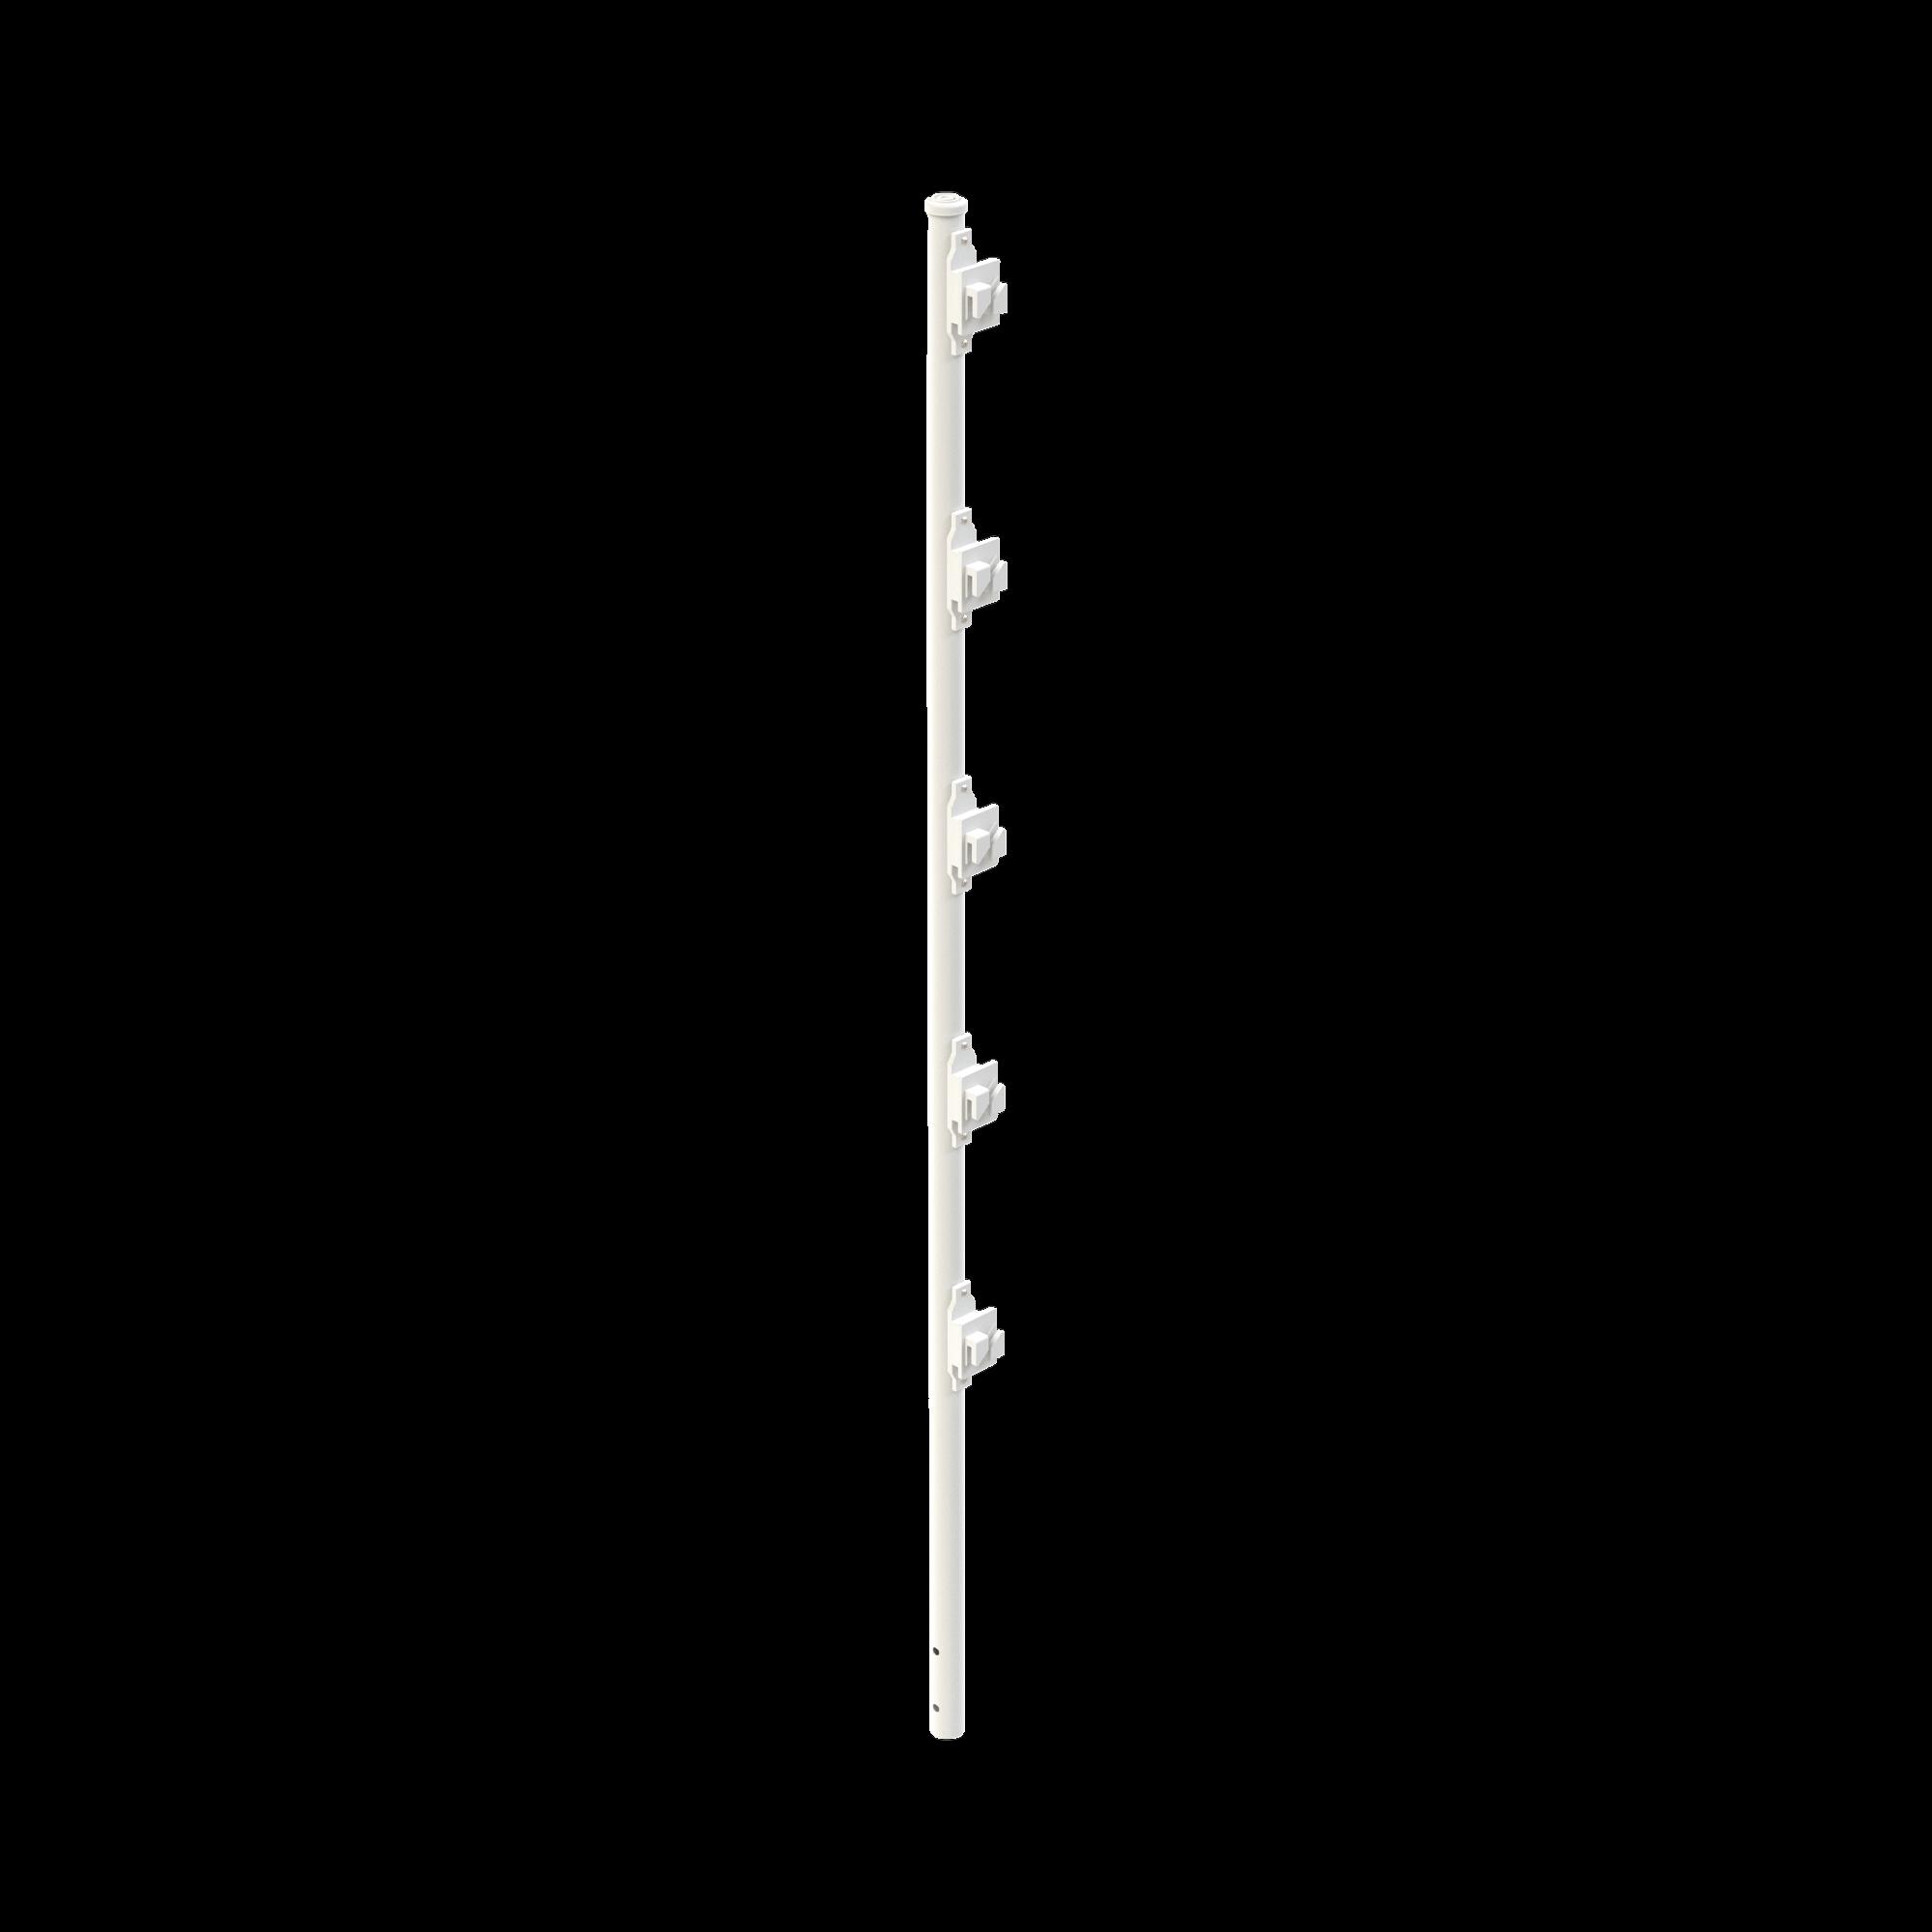 Poste con 5 Aisladores de PASO  para Cerca Electrificada. Tubo Galvanizado de 1.2m, cal. 18 de 1 Diam. + Pintura Blanca Aplicación en Polvo.